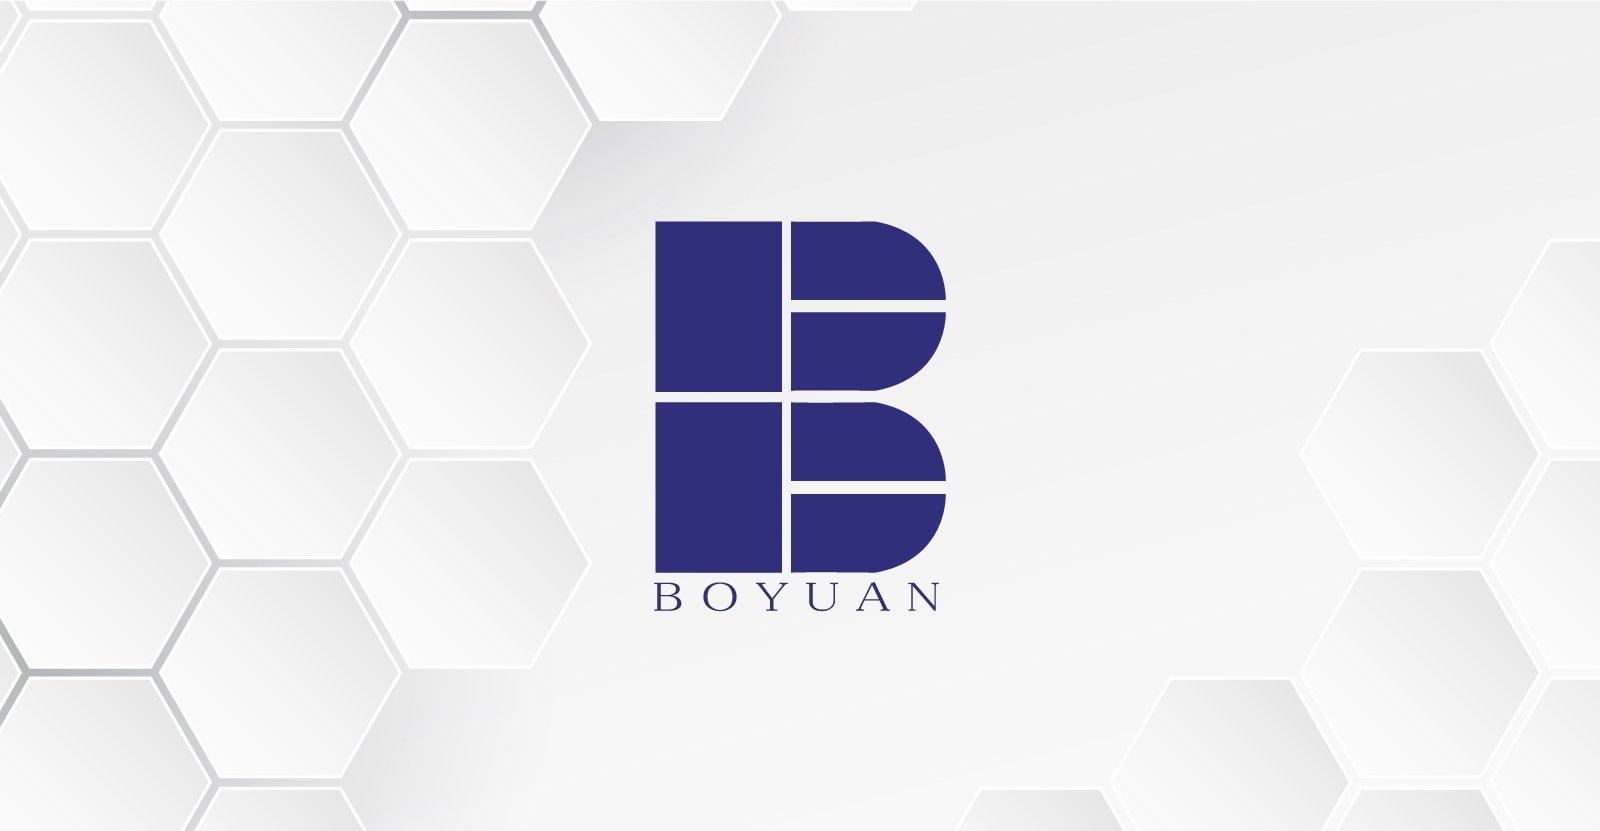 Adalah produsen kartu magnetic berkualitas tinggi dari China. PVC Card dari BOYUAN digunakan antara lain untuk kartu kredit, kartu ATM, ID Card/kartu pengenal, kartu member, kartu anggota, kartu parkir, kartu antrian, kartu pengunjung, dan lain-lain.